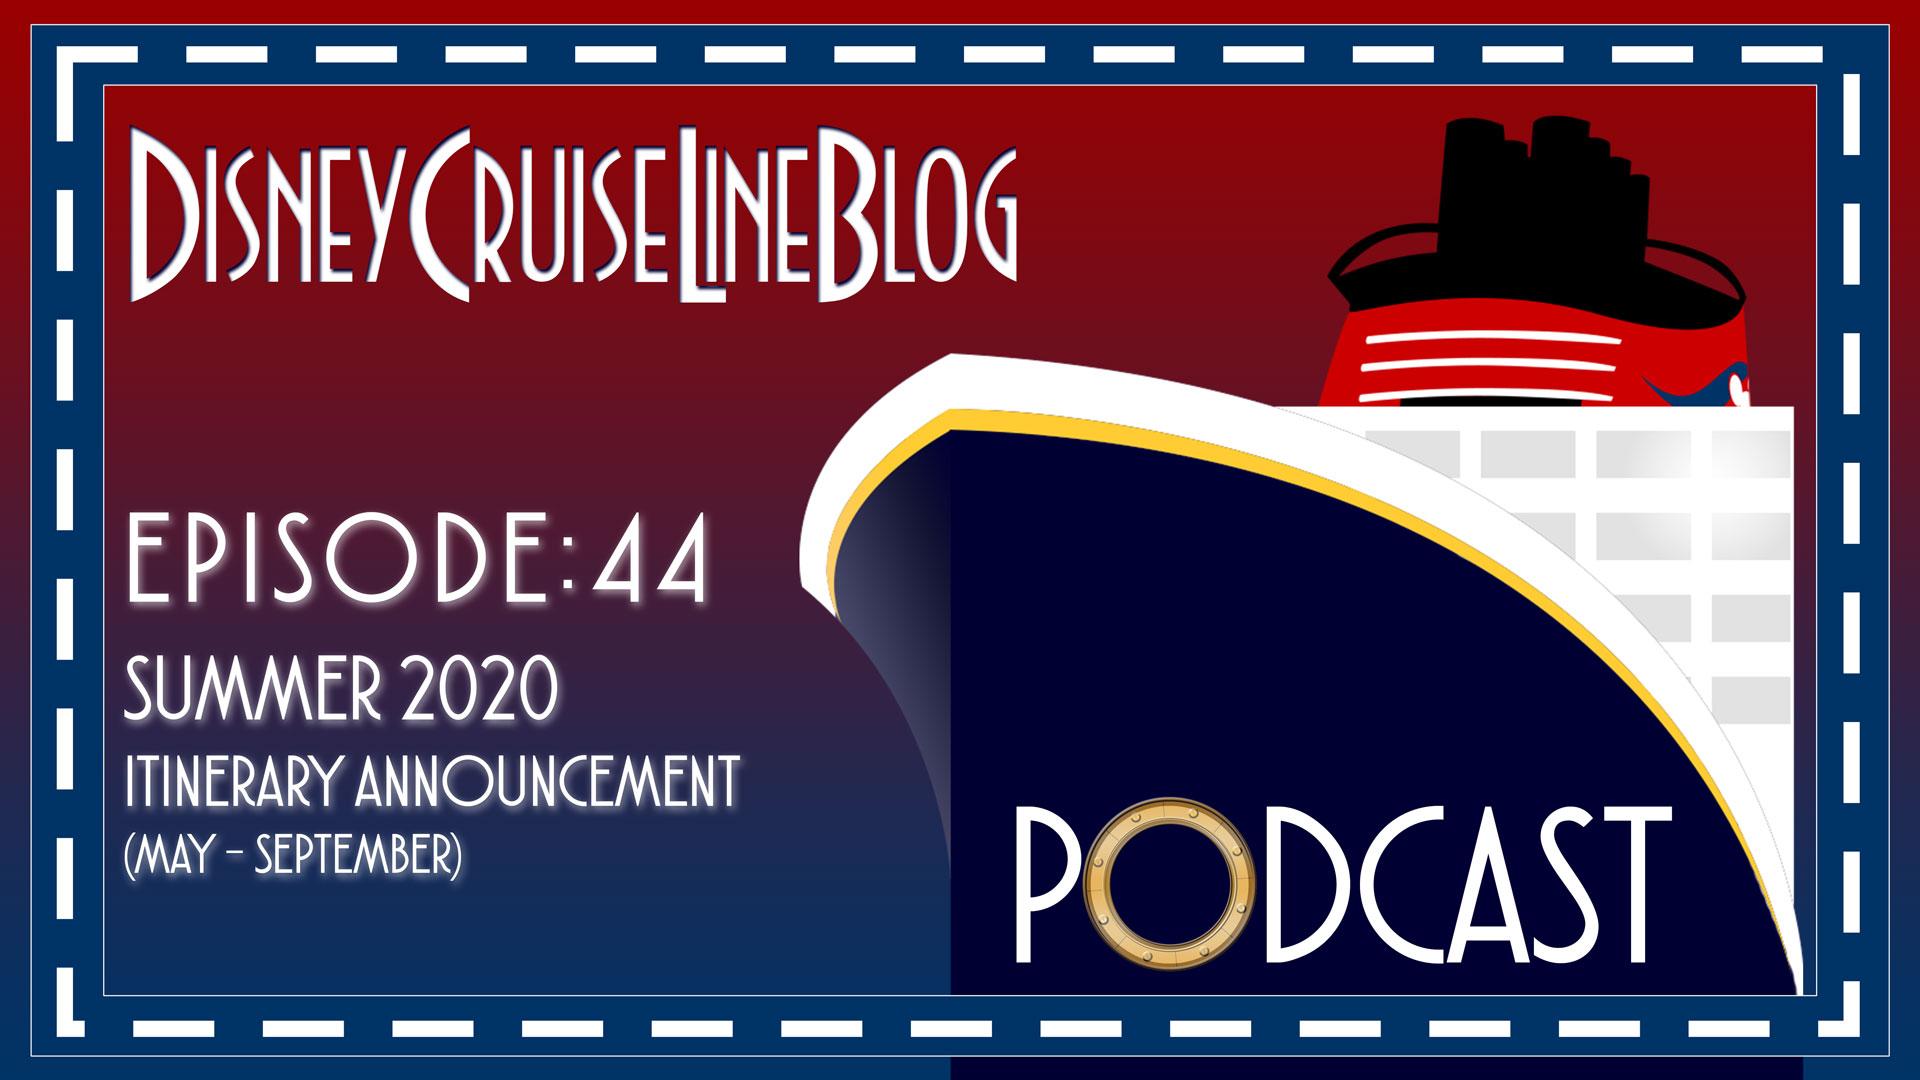 DCL Blog Podcast Episode 44 Summer 2020